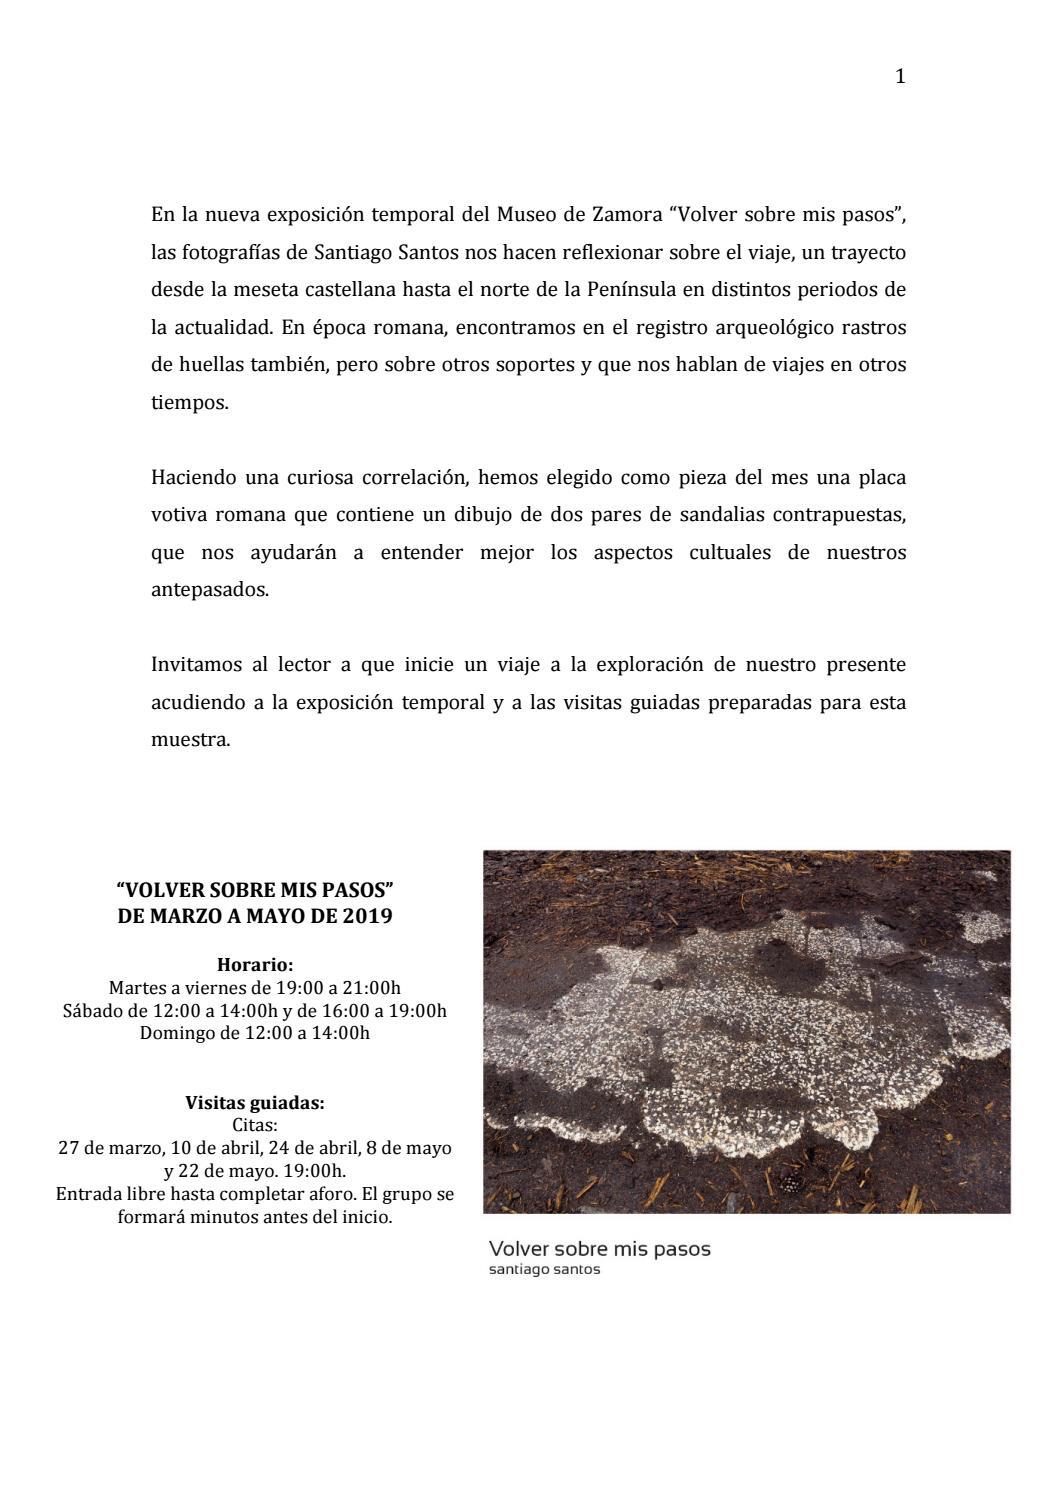 Zamora Issuu Votiva De Museo Placa Piezadelmes By gvYbyIm76f